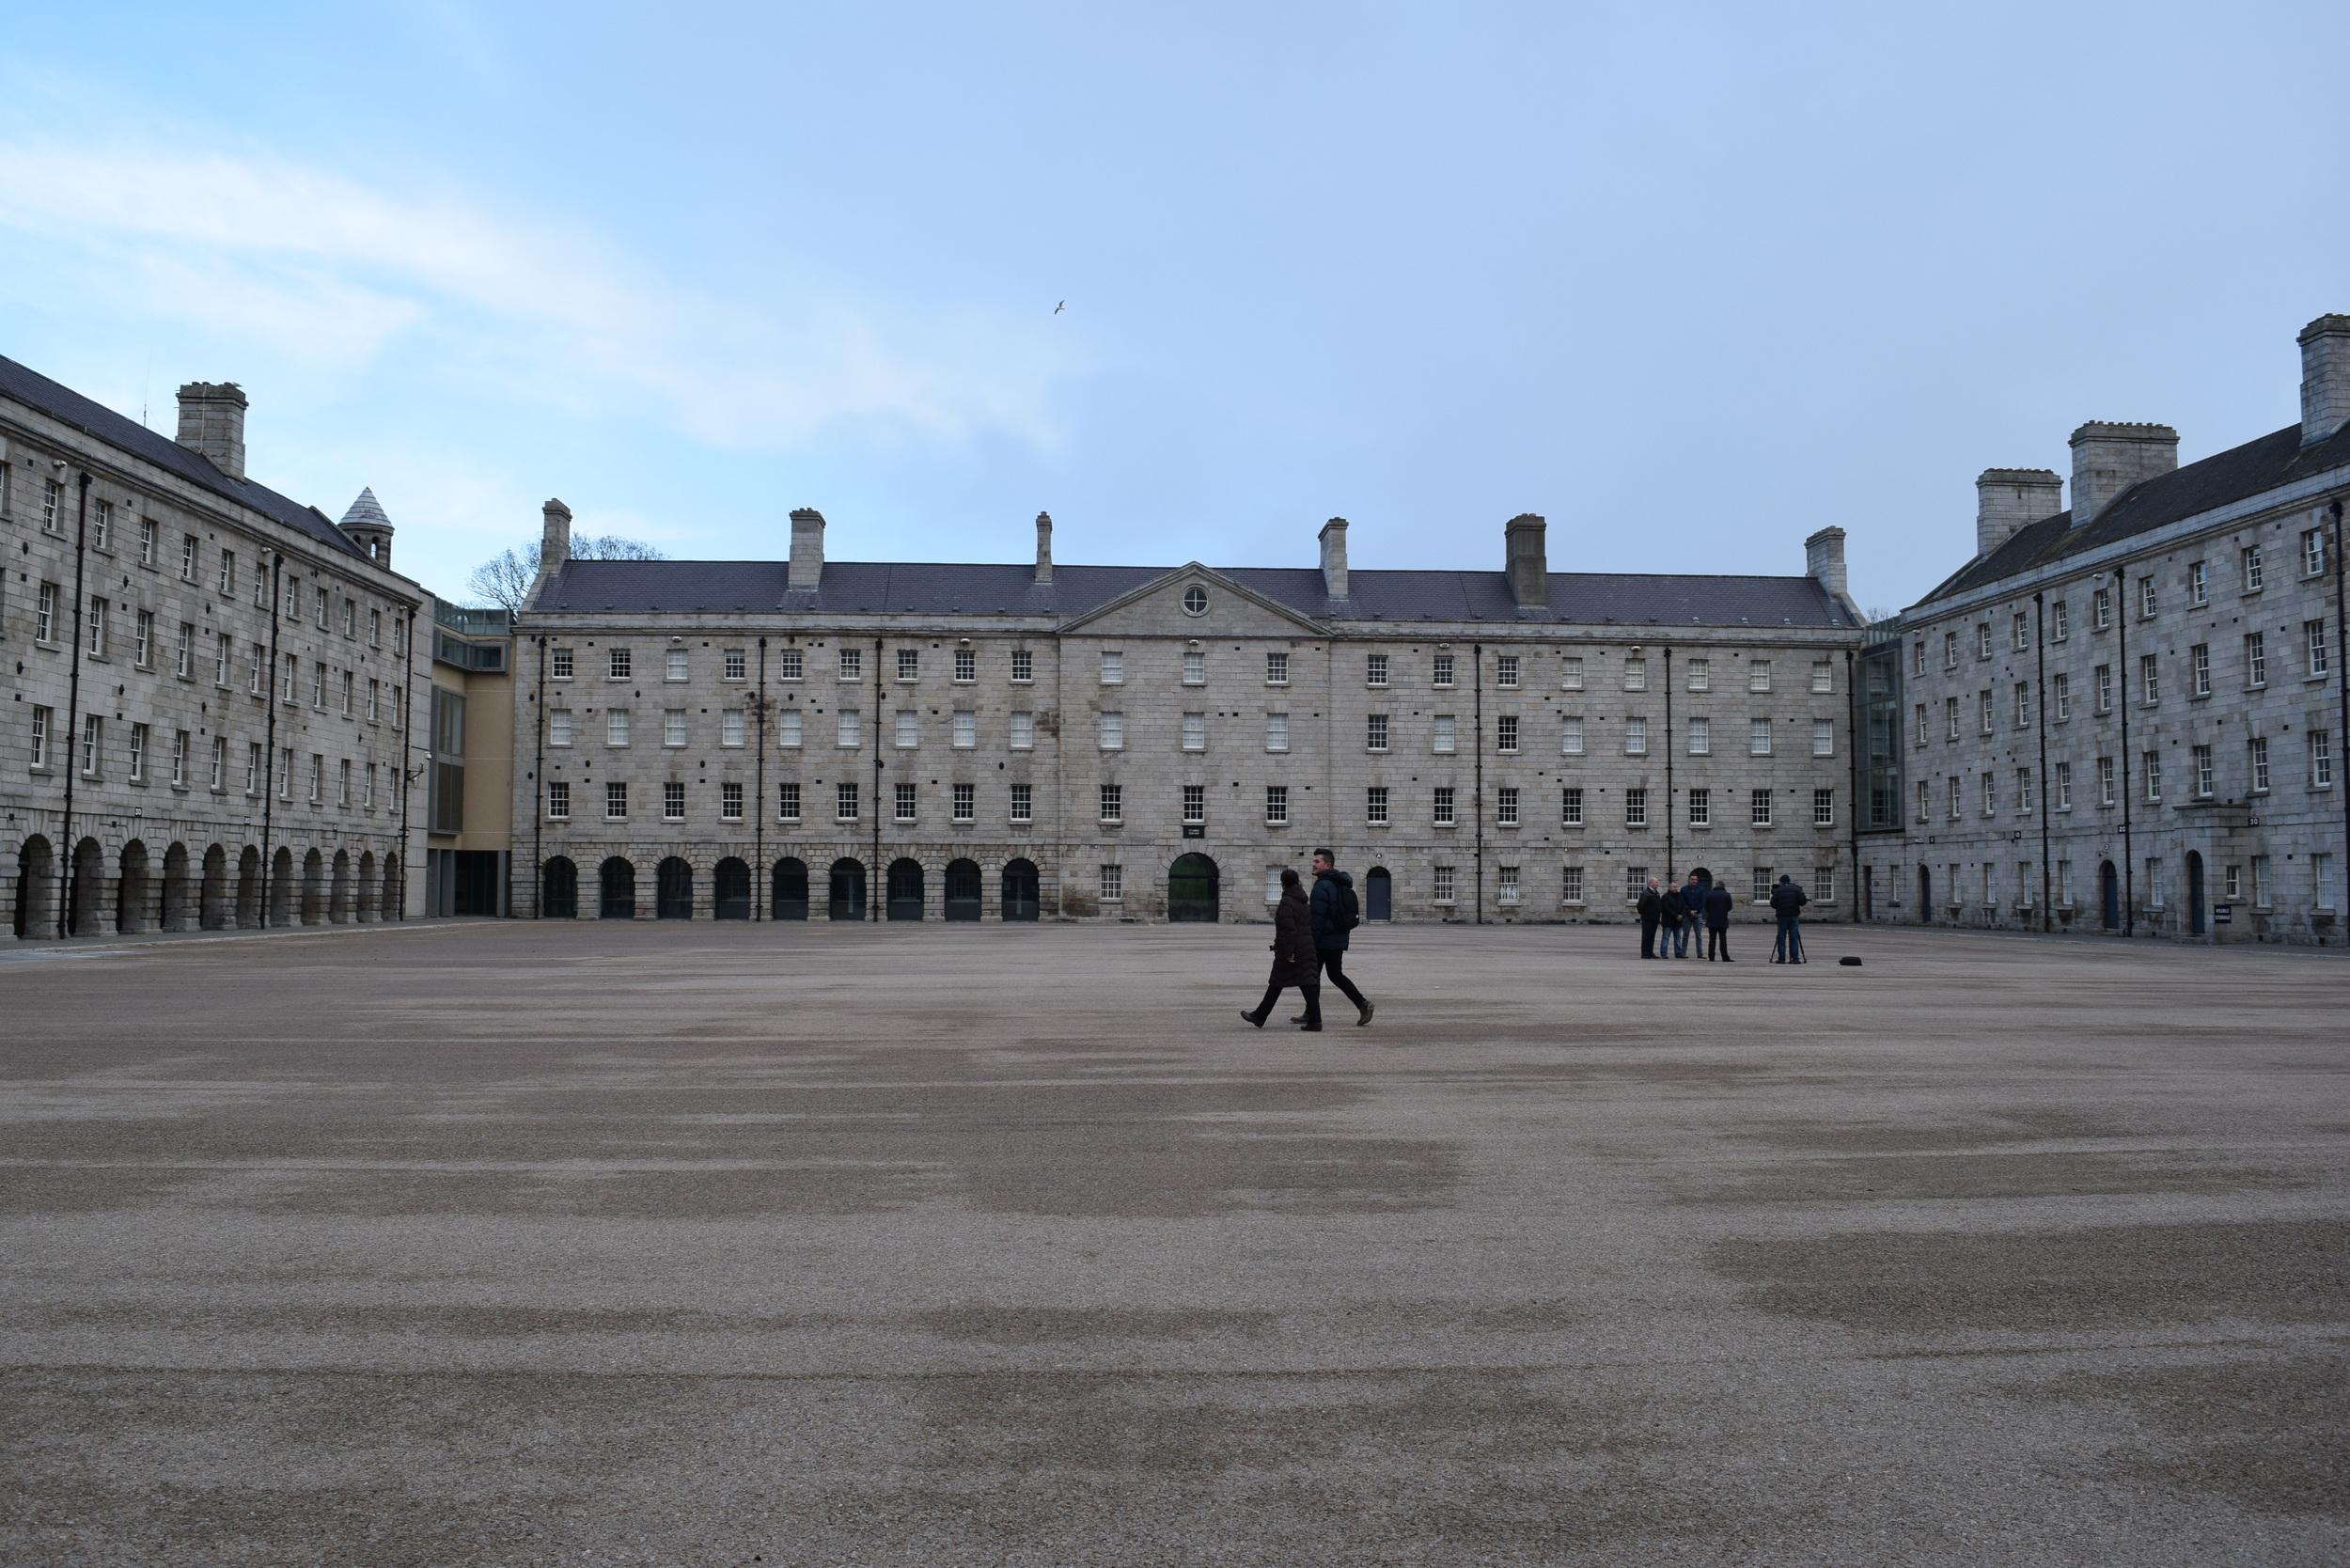 The former Collins Barracks' parade deck